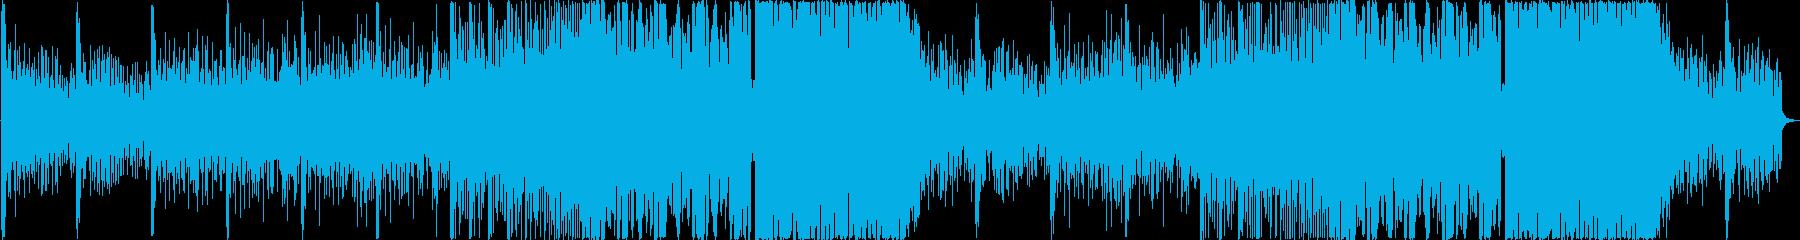 カワイイフューチャーベース風シリーズの2の再生済みの波形